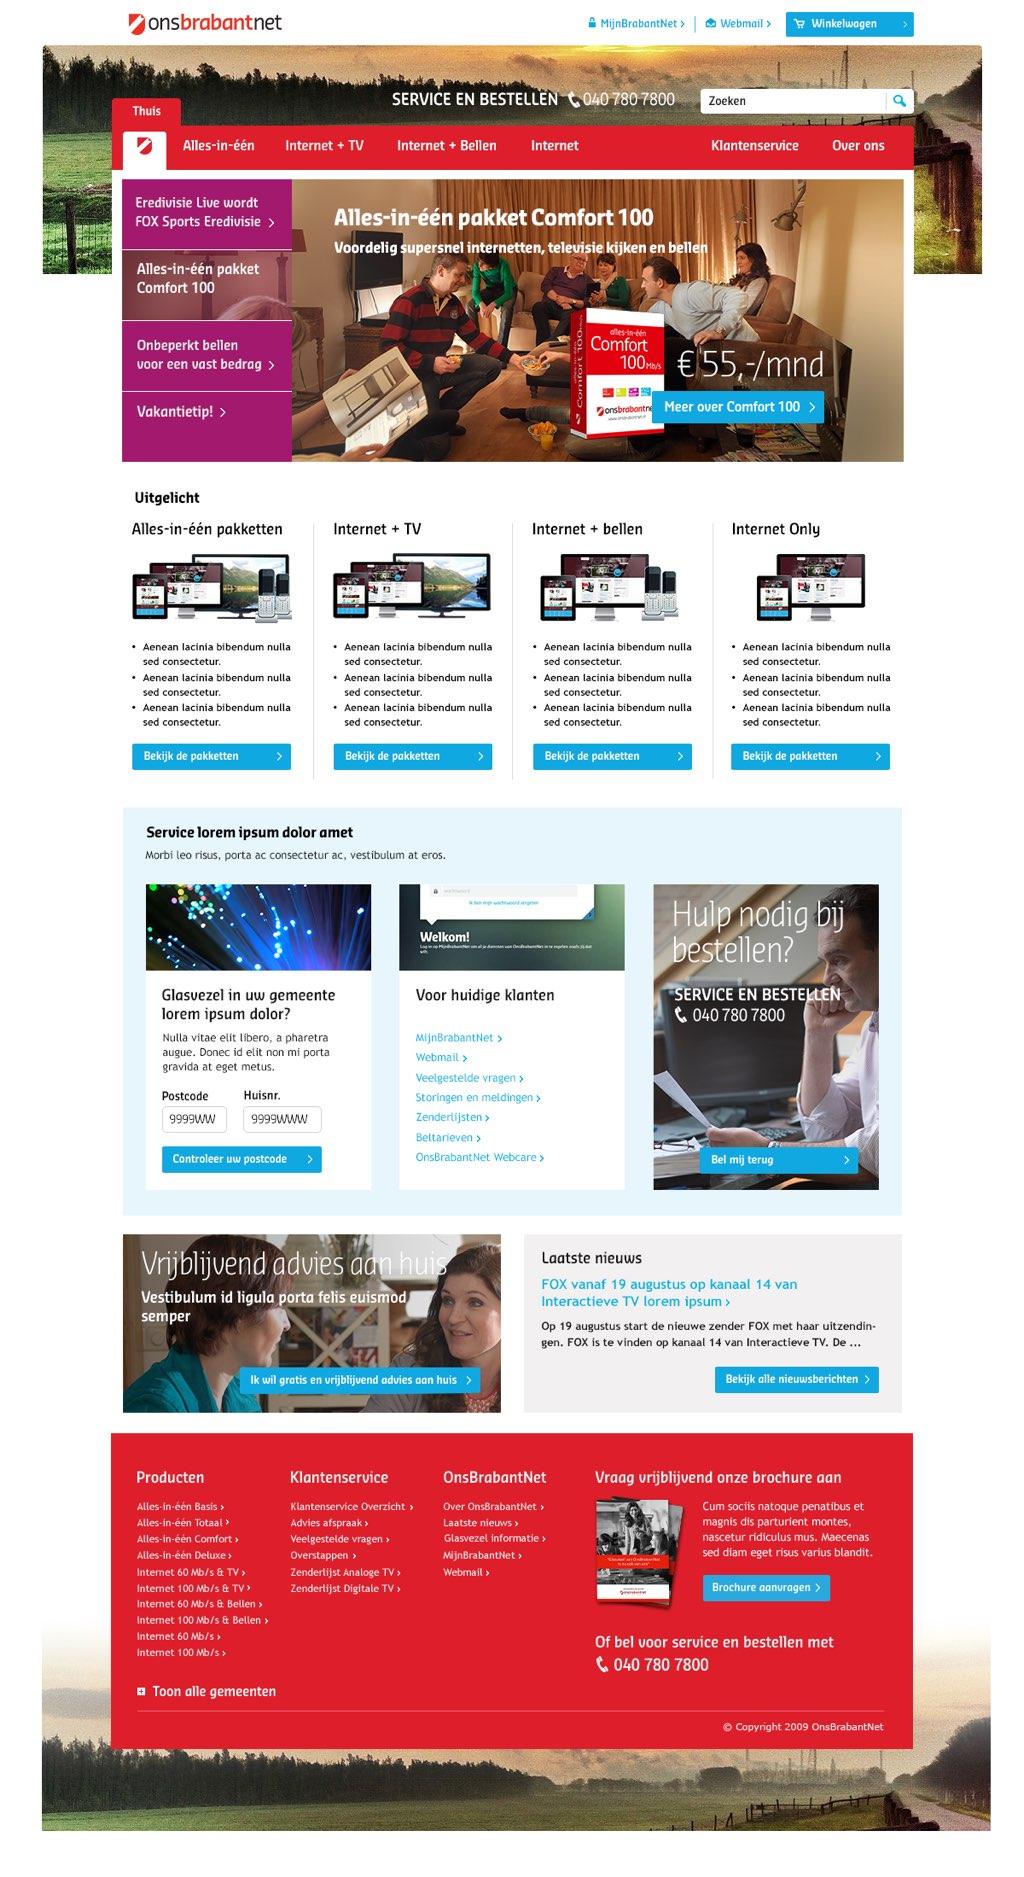 Afbeelding 1 van 11 - OnsBrabantNet re-design webshop - Homepage nieuwe stijl